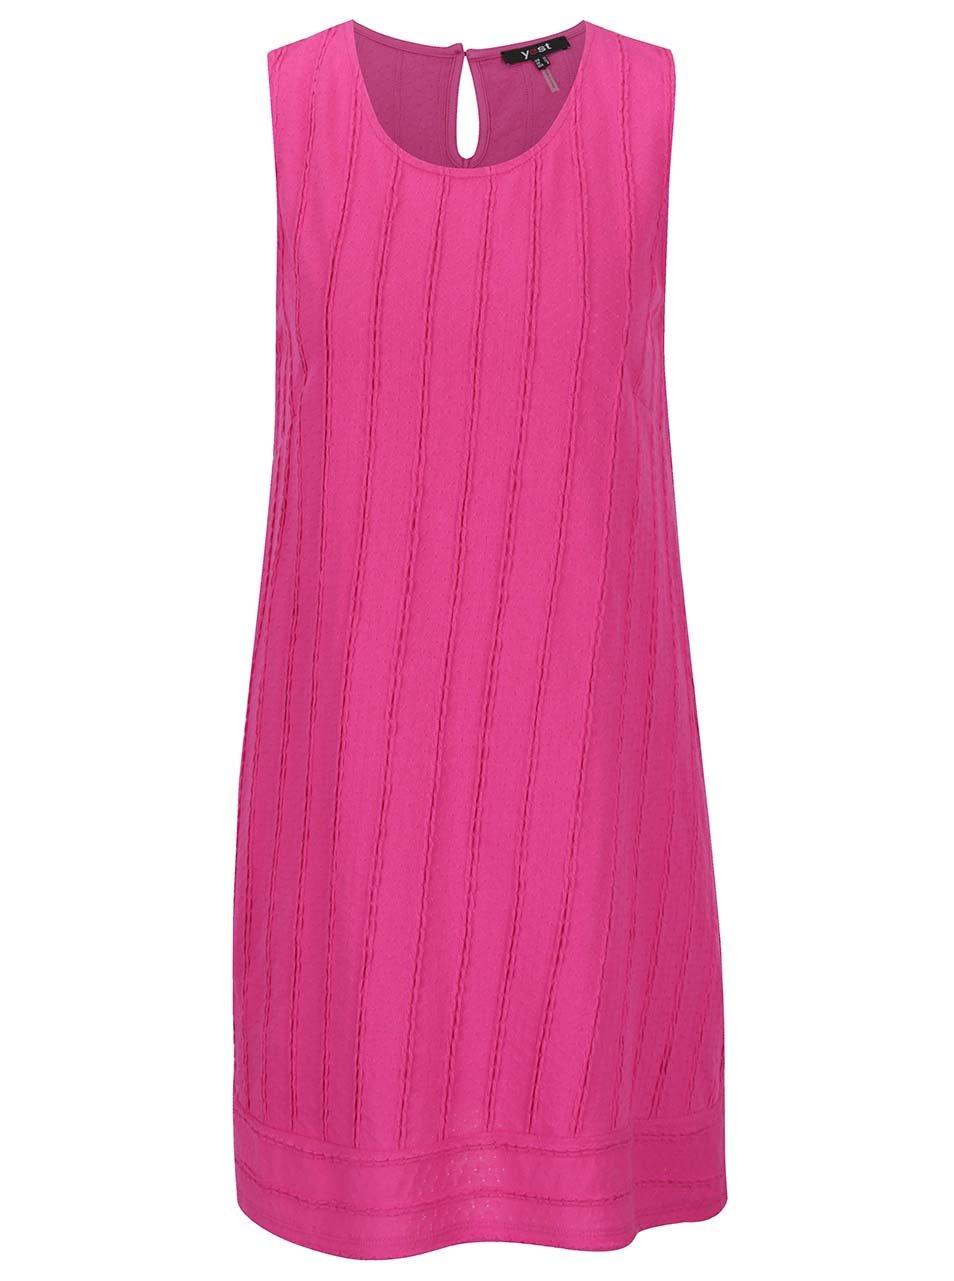 Růžová šaty bez rukávů s jemným plastickým vzorem Yest